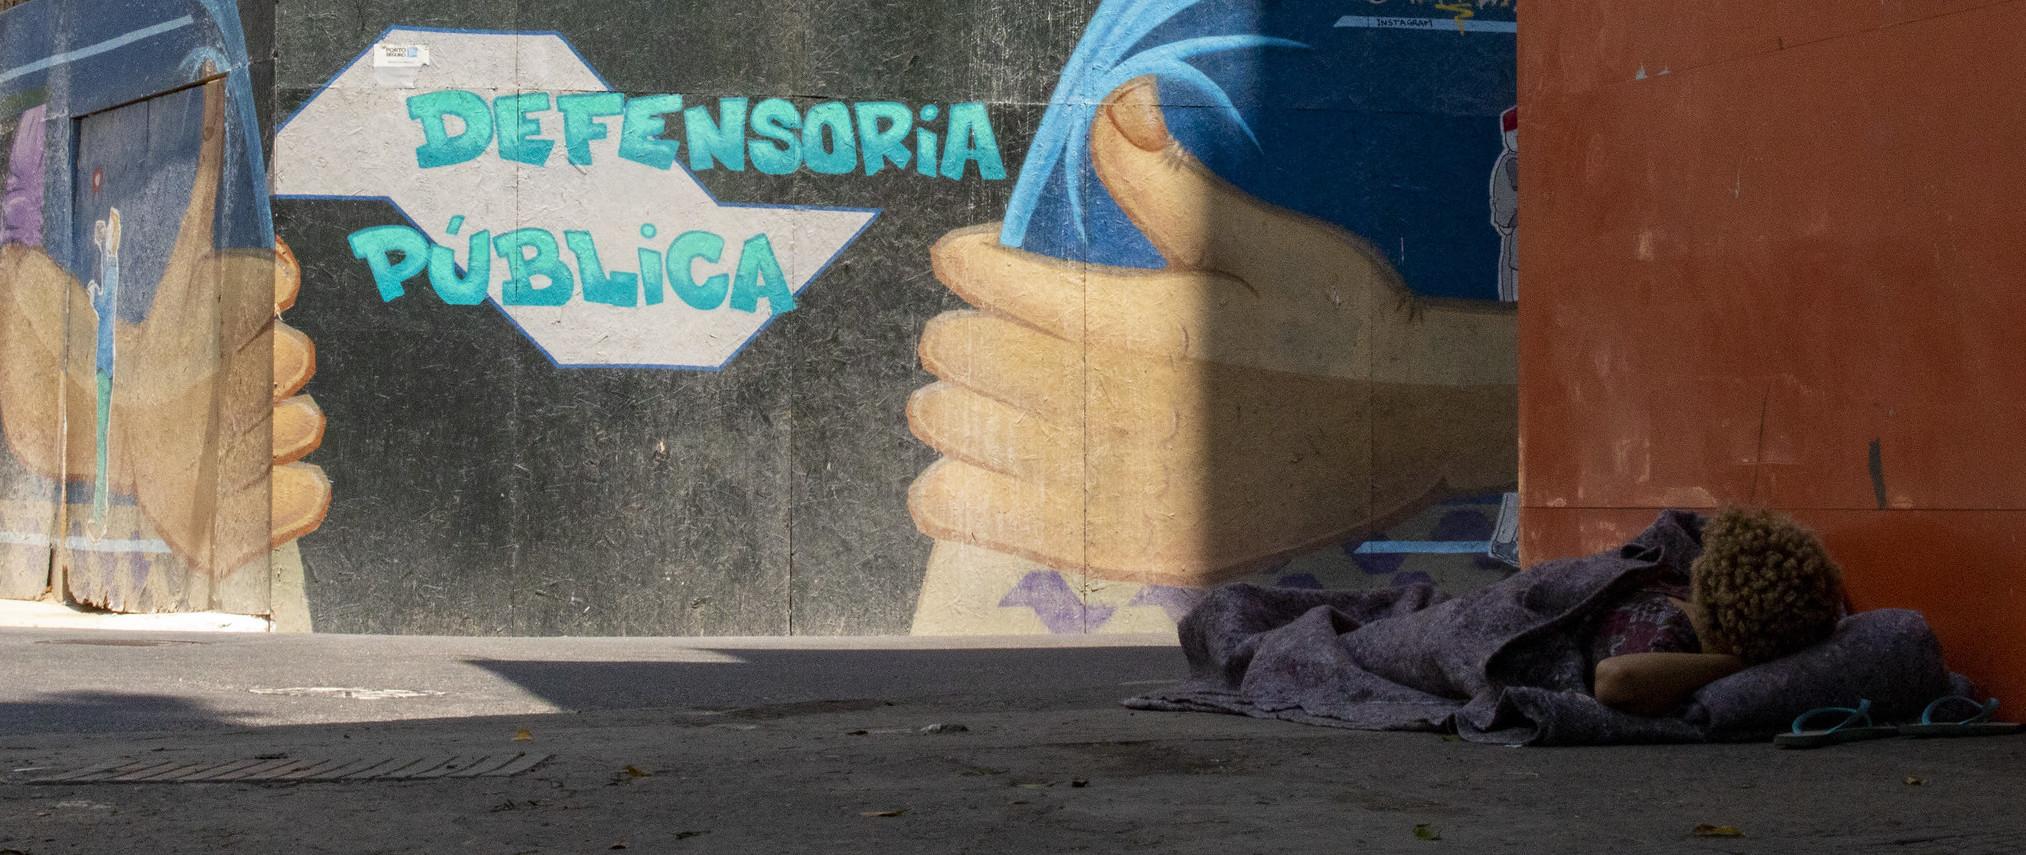 Saiba como e onde encontrar apoio jurídico e conseguir um advogado gratuitamente em São Paulo